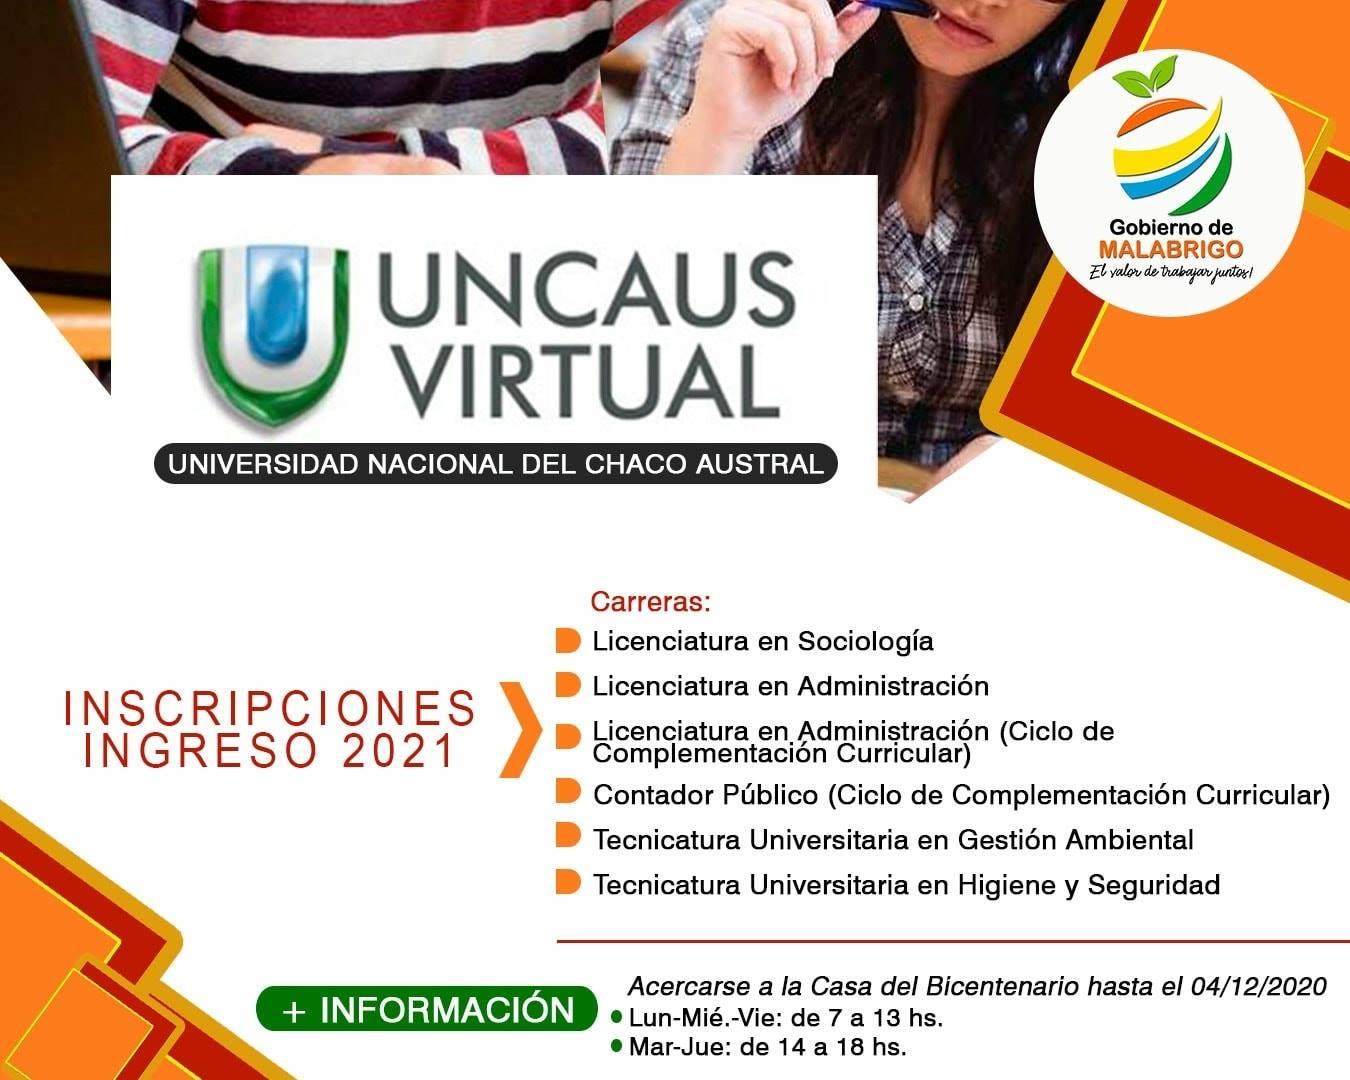 UNCAUS Virtual: abrió la inscripción para el ingreso 2021